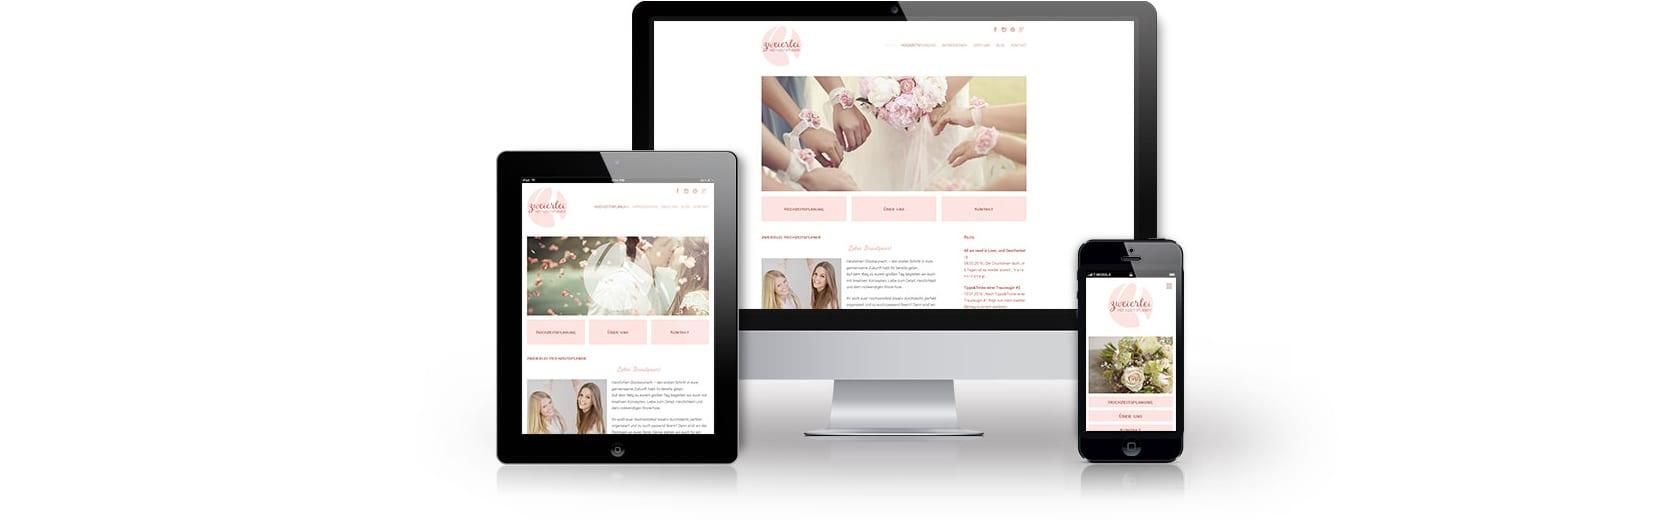 Neue Website erstellen lassen